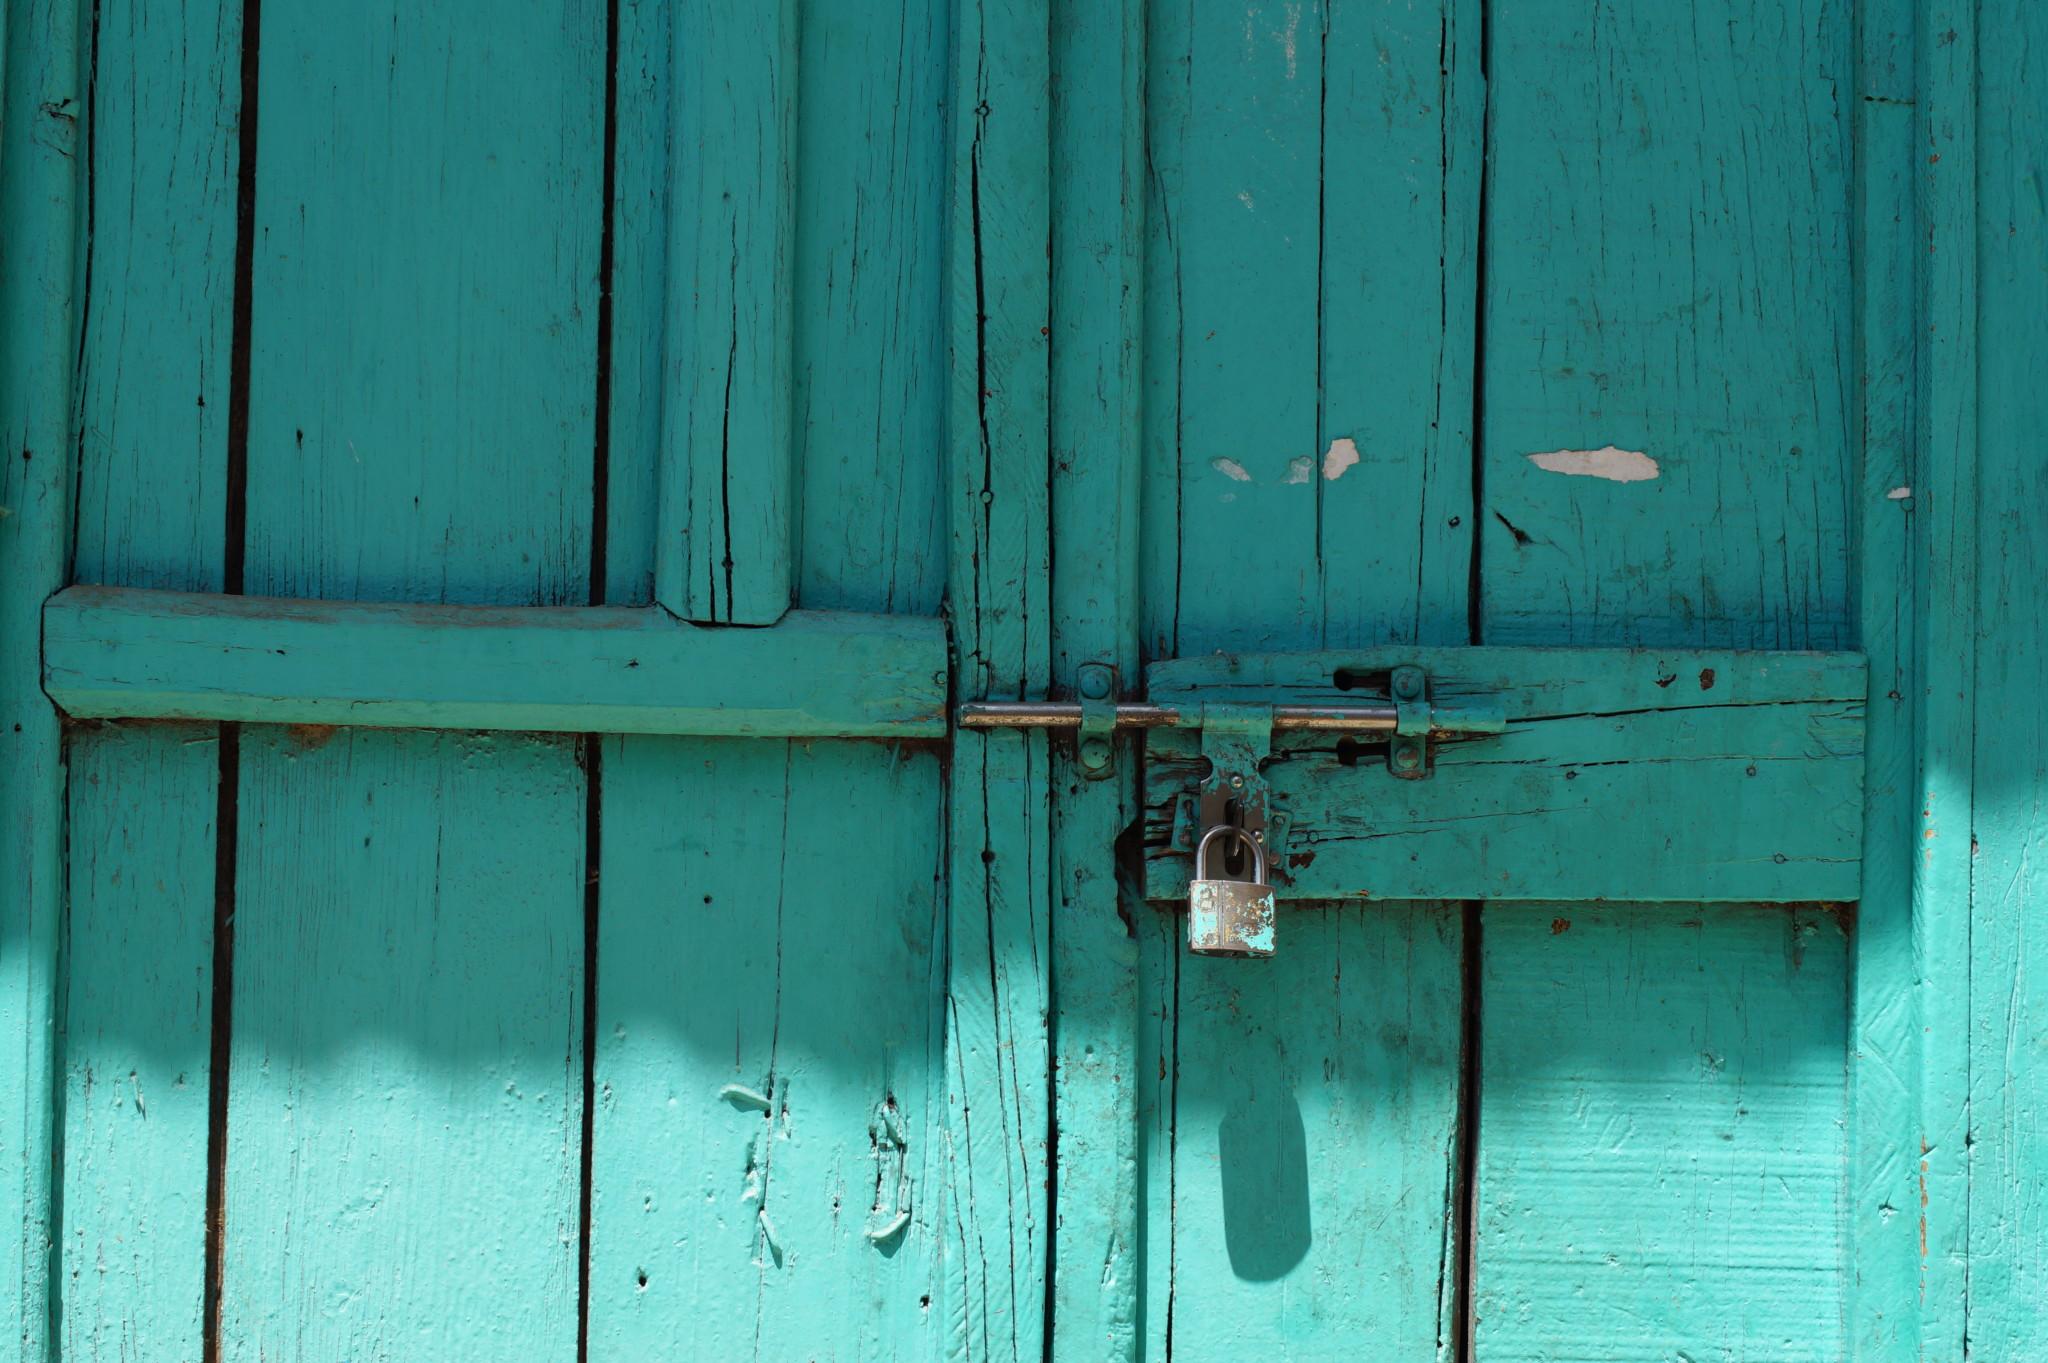 Bunte Wände und Türen sind das Merkmal von Harar in Äthiopien